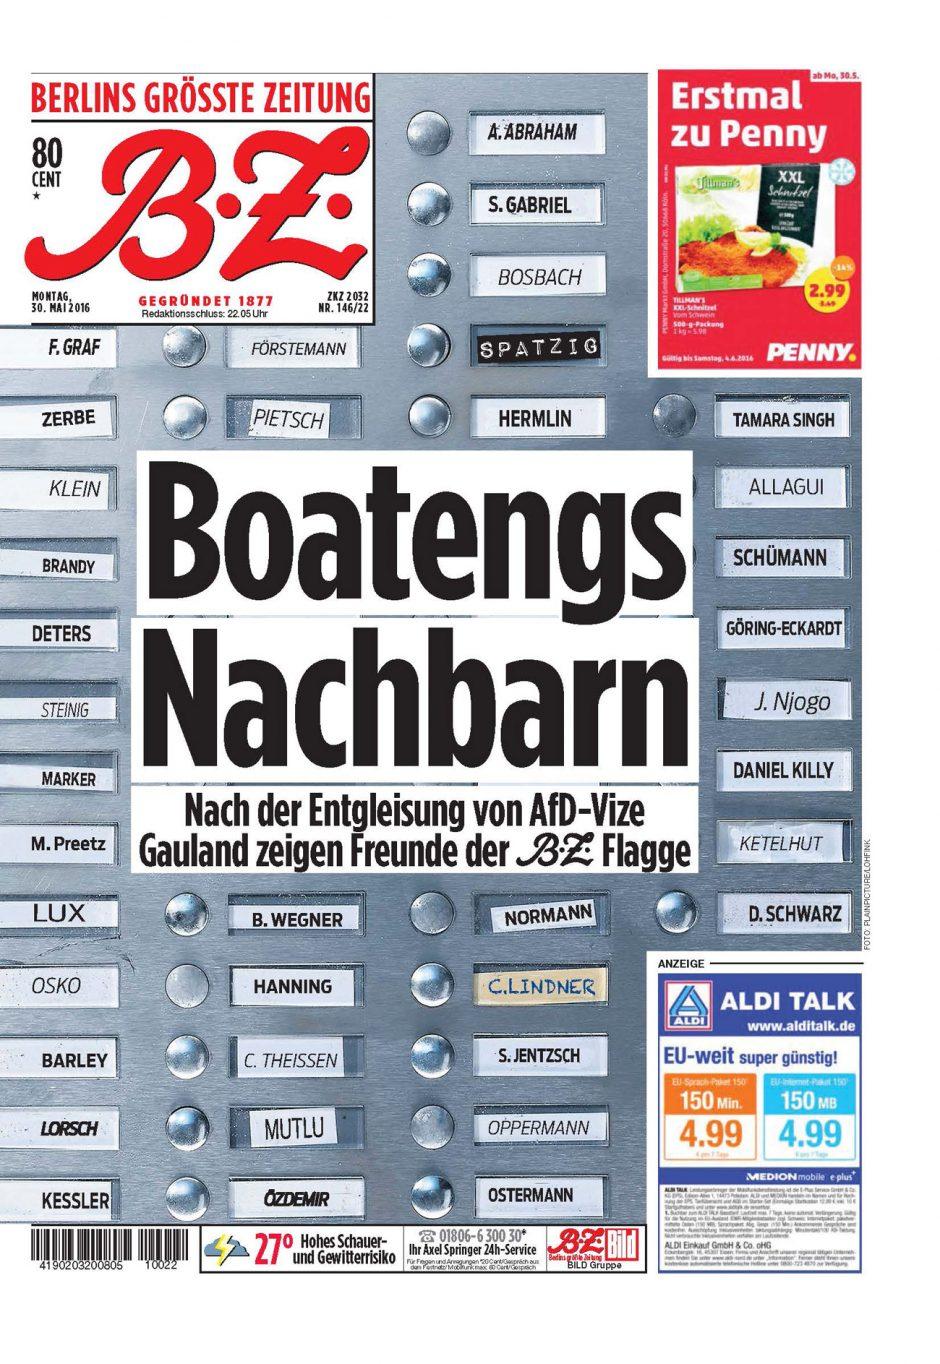 Gold: B.Z. Nr. 146/2016, Boatengs Nachbarn, Titelseite zur Äußerung von Alexander Gauland, die Leute »wollen einen Boateng nicht als Nachbar haben«